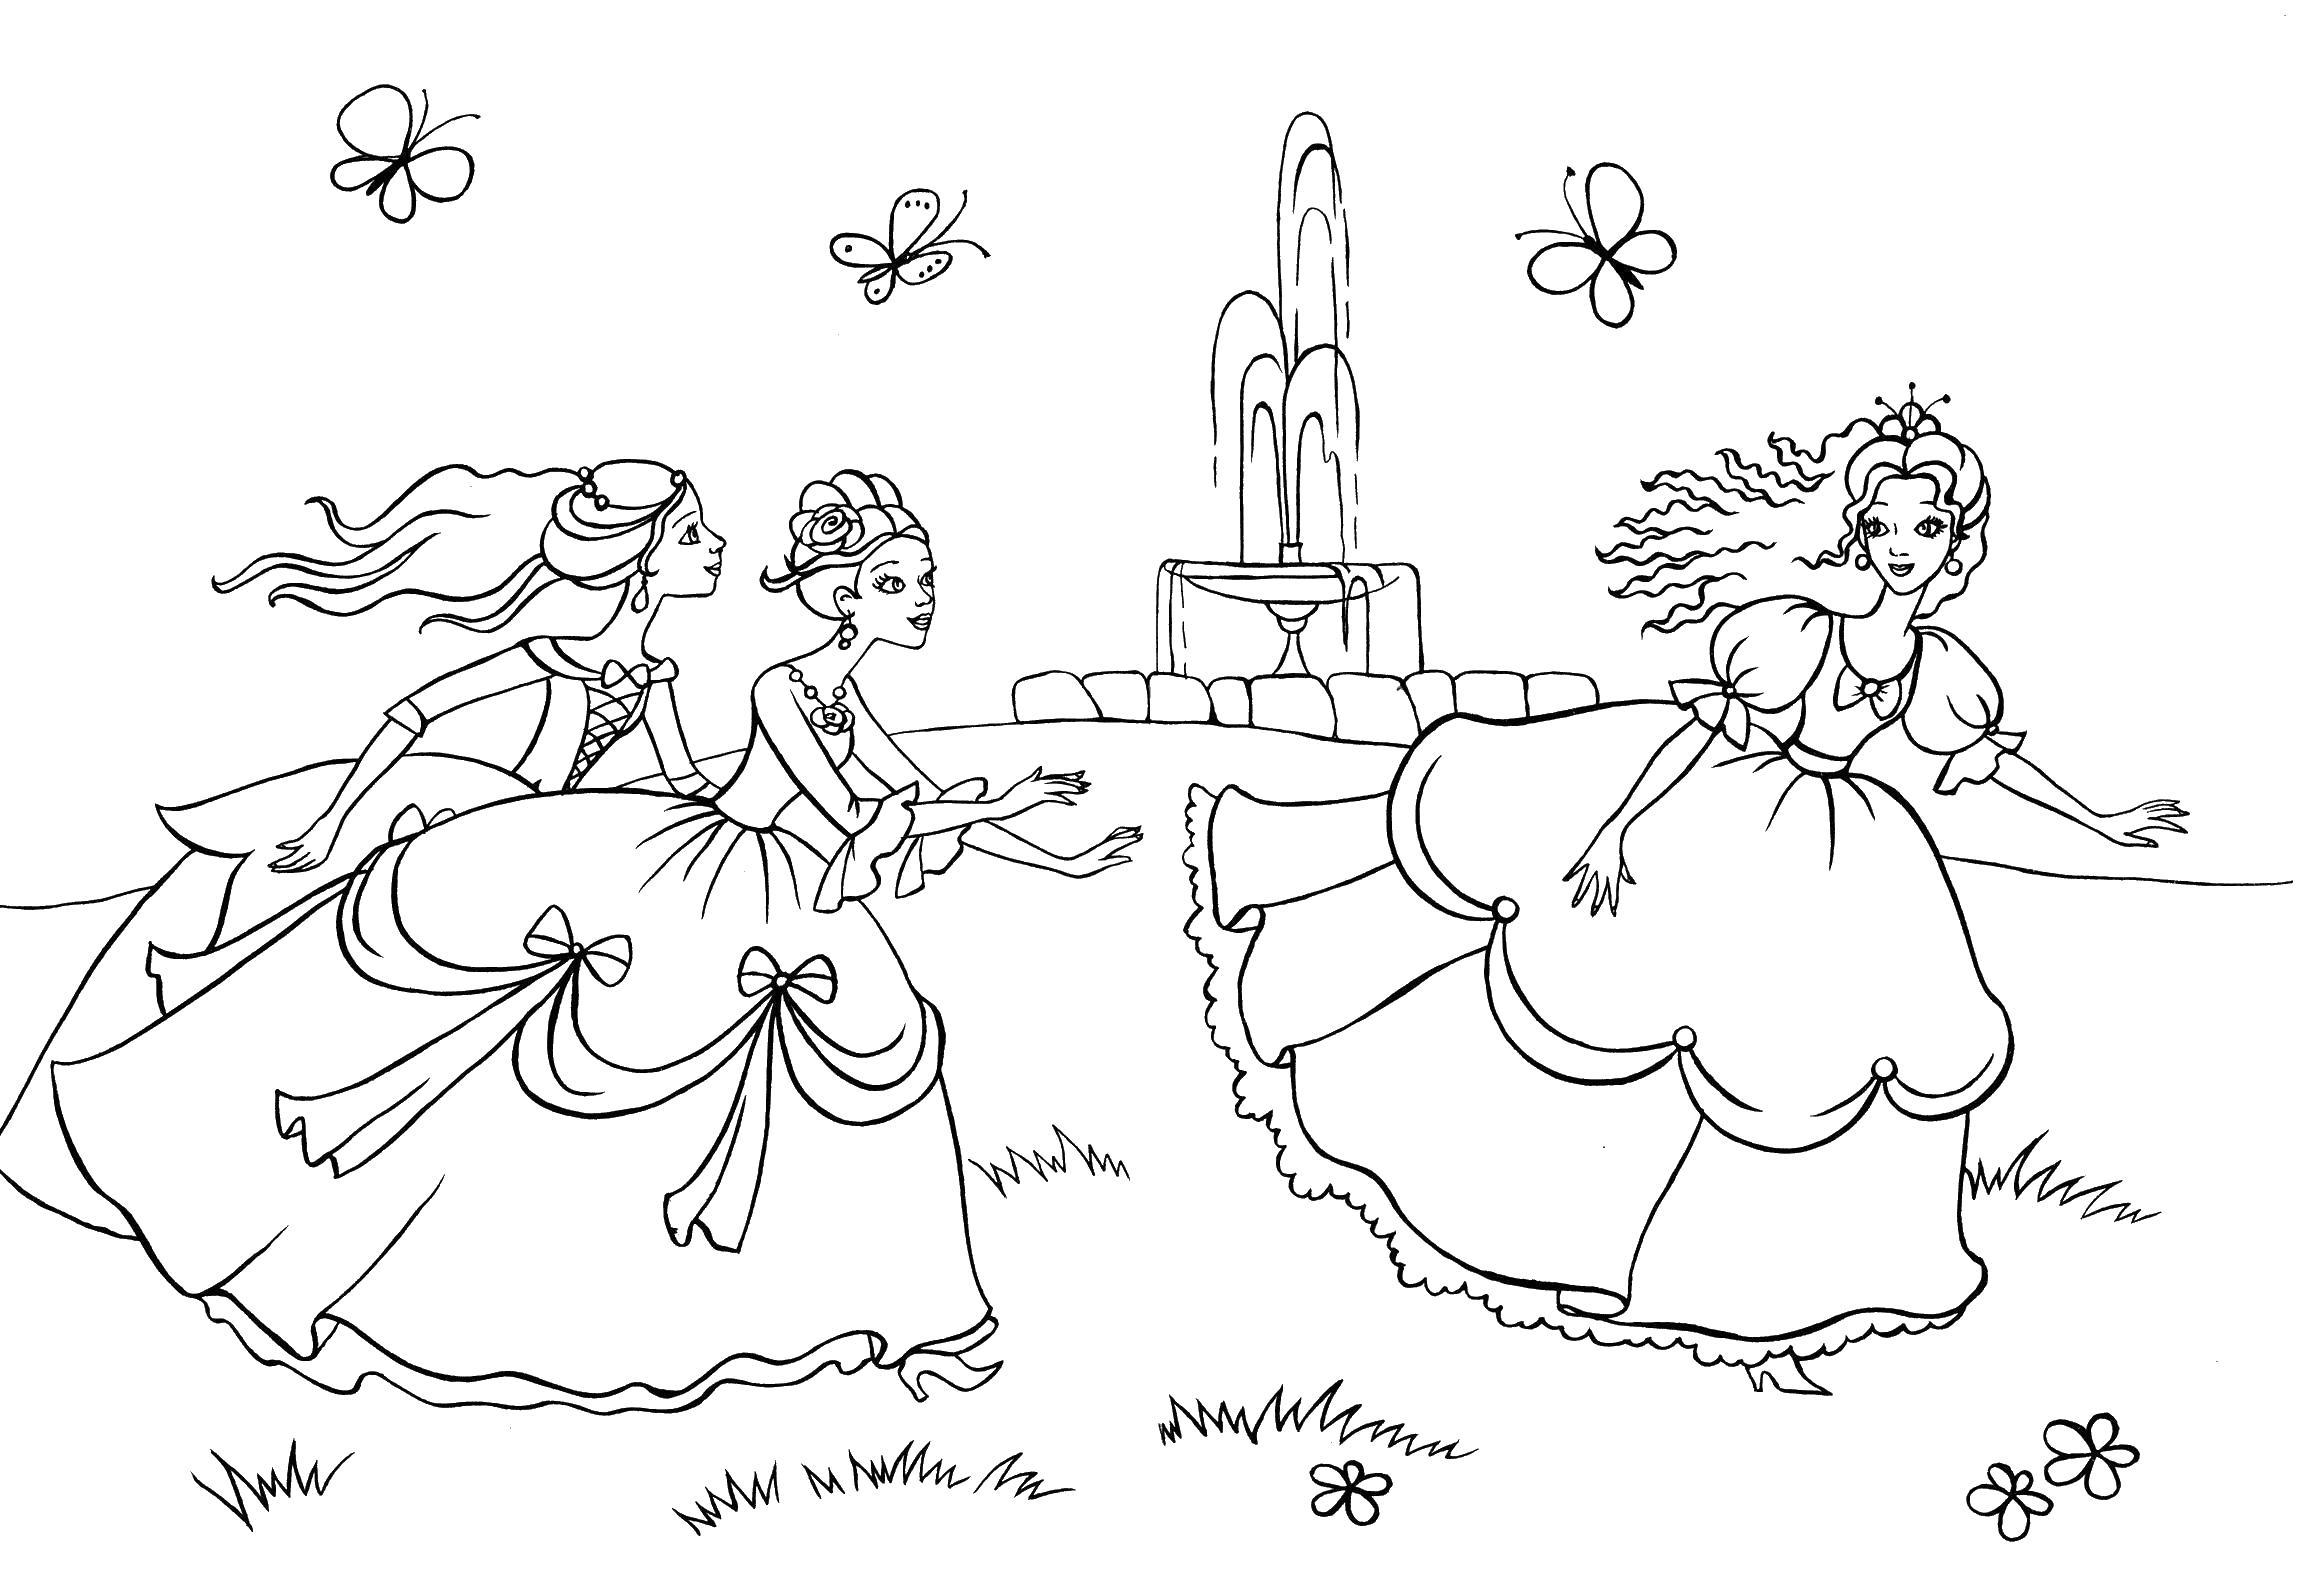 Принцессы играют во дворце рядом с фантаном Распечатываем ...